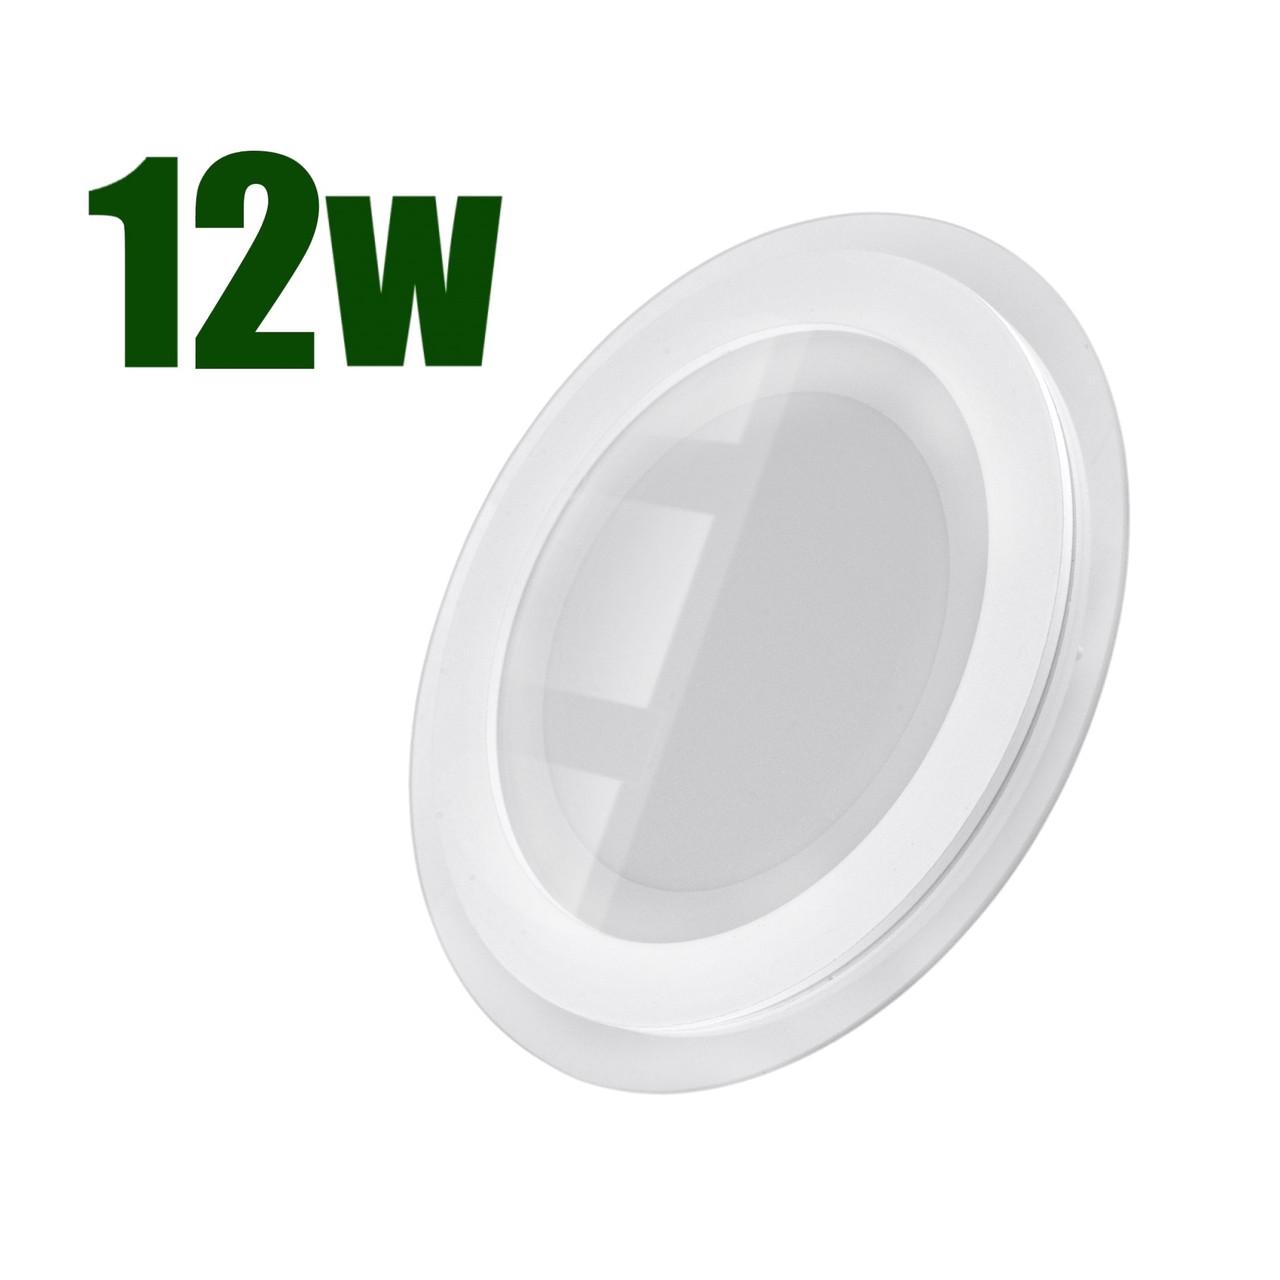 Светильник светодиодный встраиваемый LEDEX 12Вт 6500K 960lm круг стекло (102959)